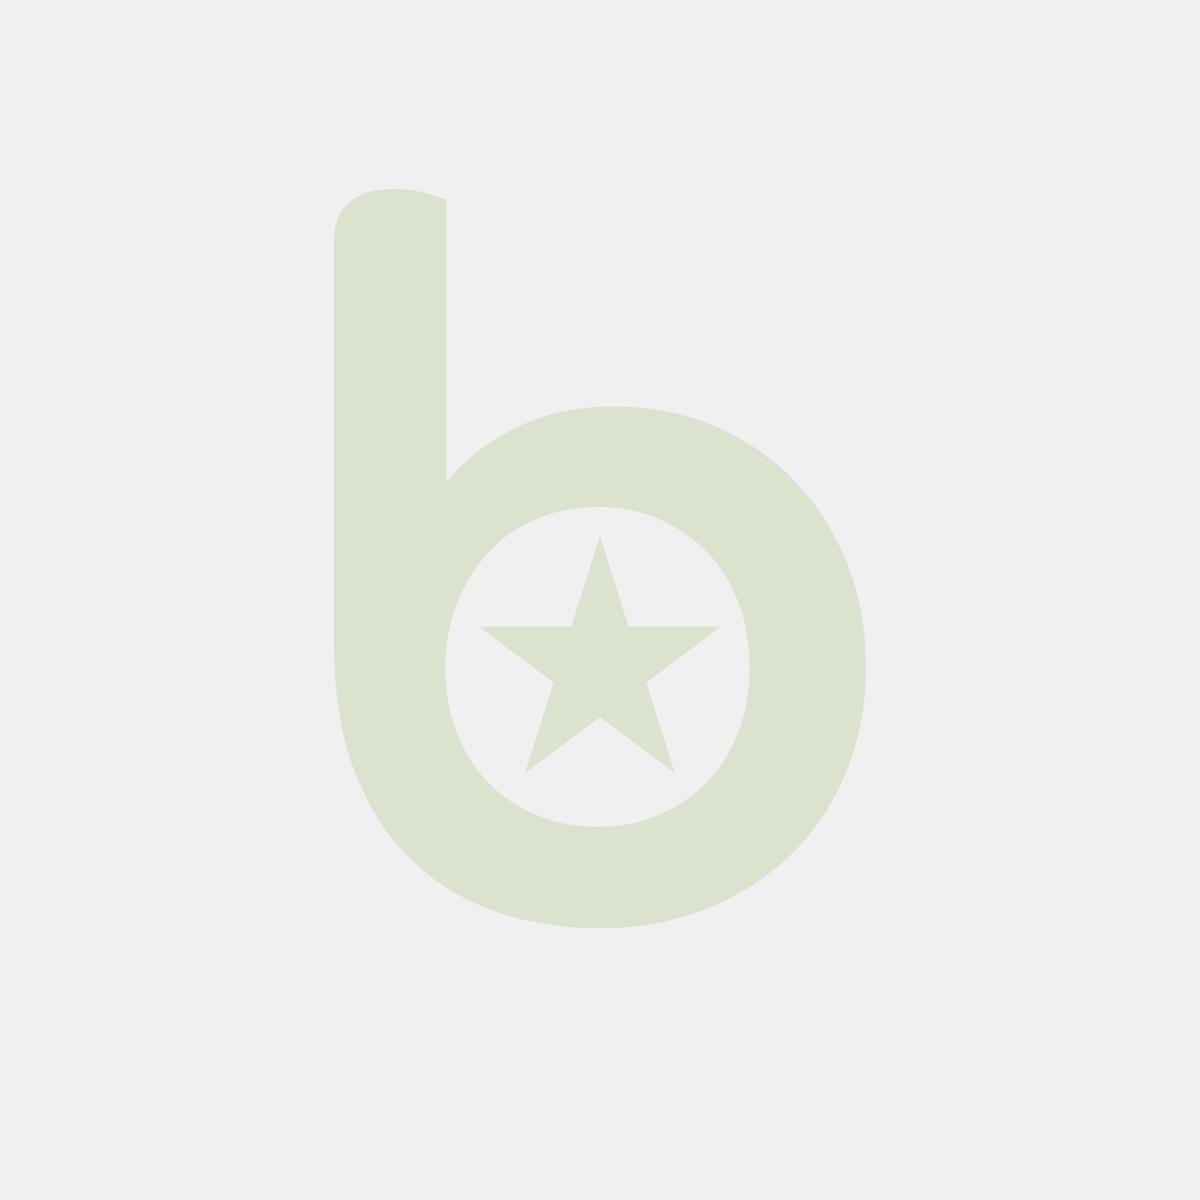 Słomki papierowe Zielone Kropki, proste śr.6mmxdł.20cm, op. 100 sztuk